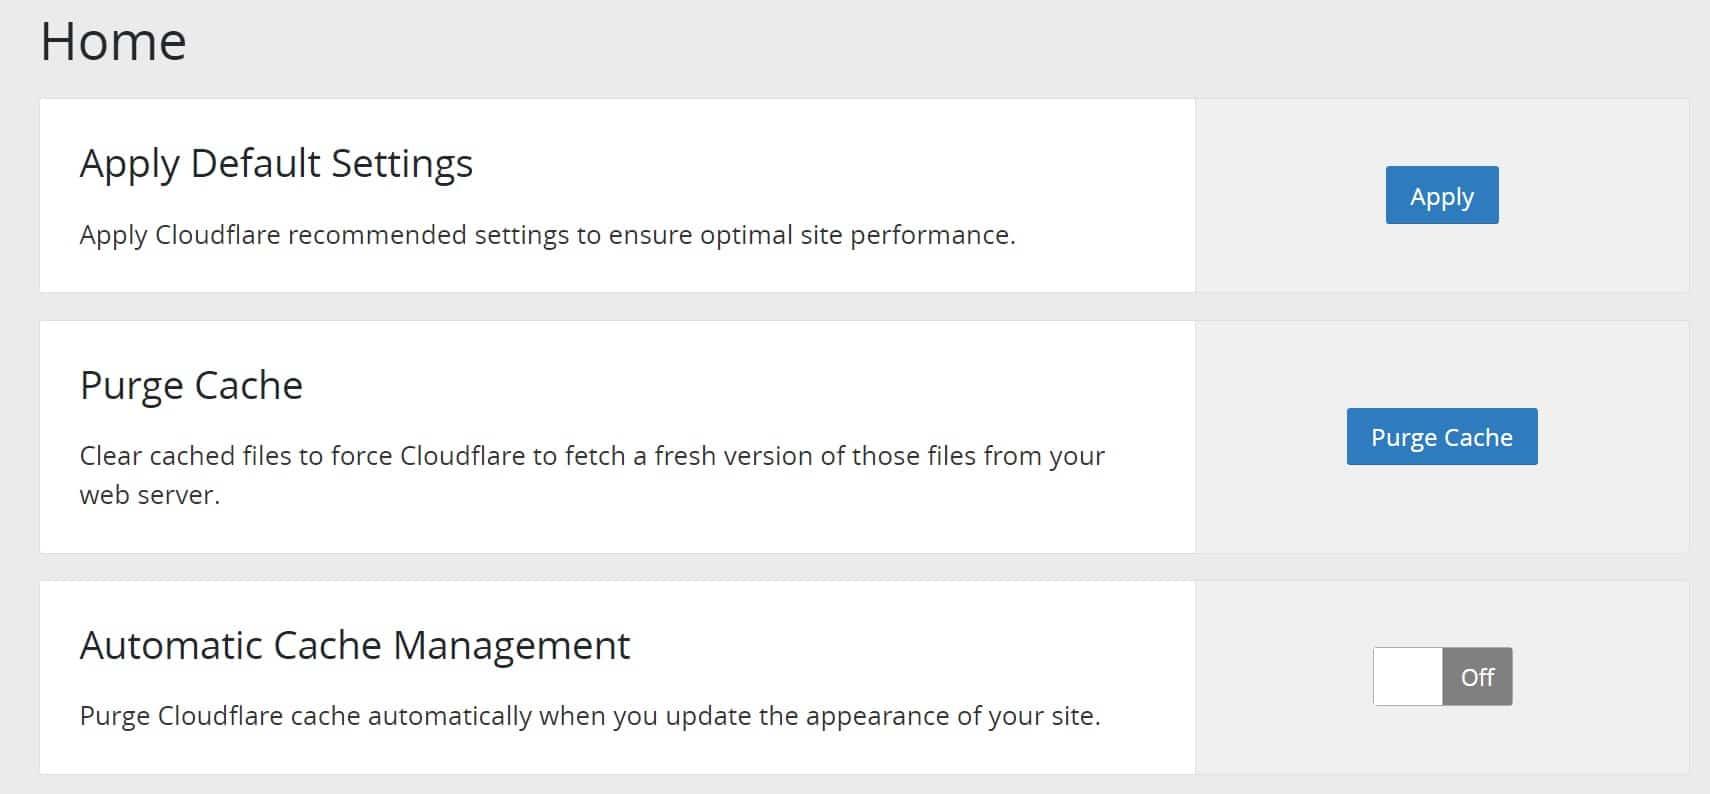 Impostazioni predefinite del plugin Cloudflare